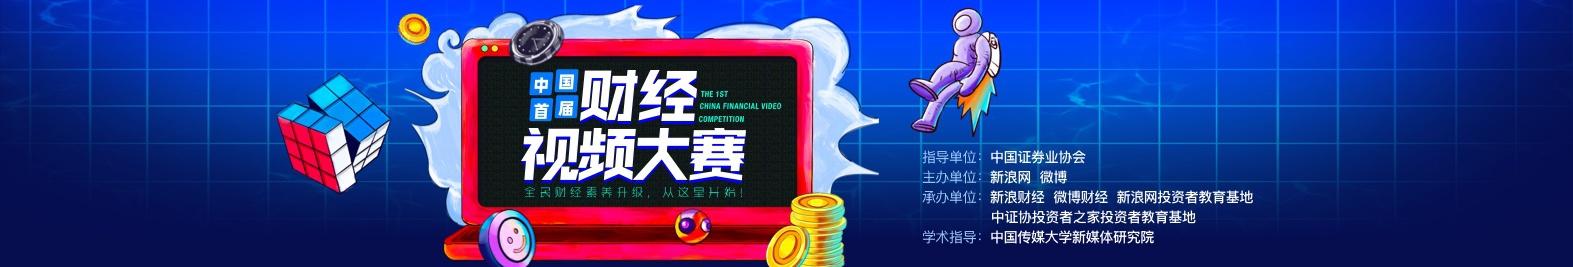 2020中国首届财经视频大赛启动仪式